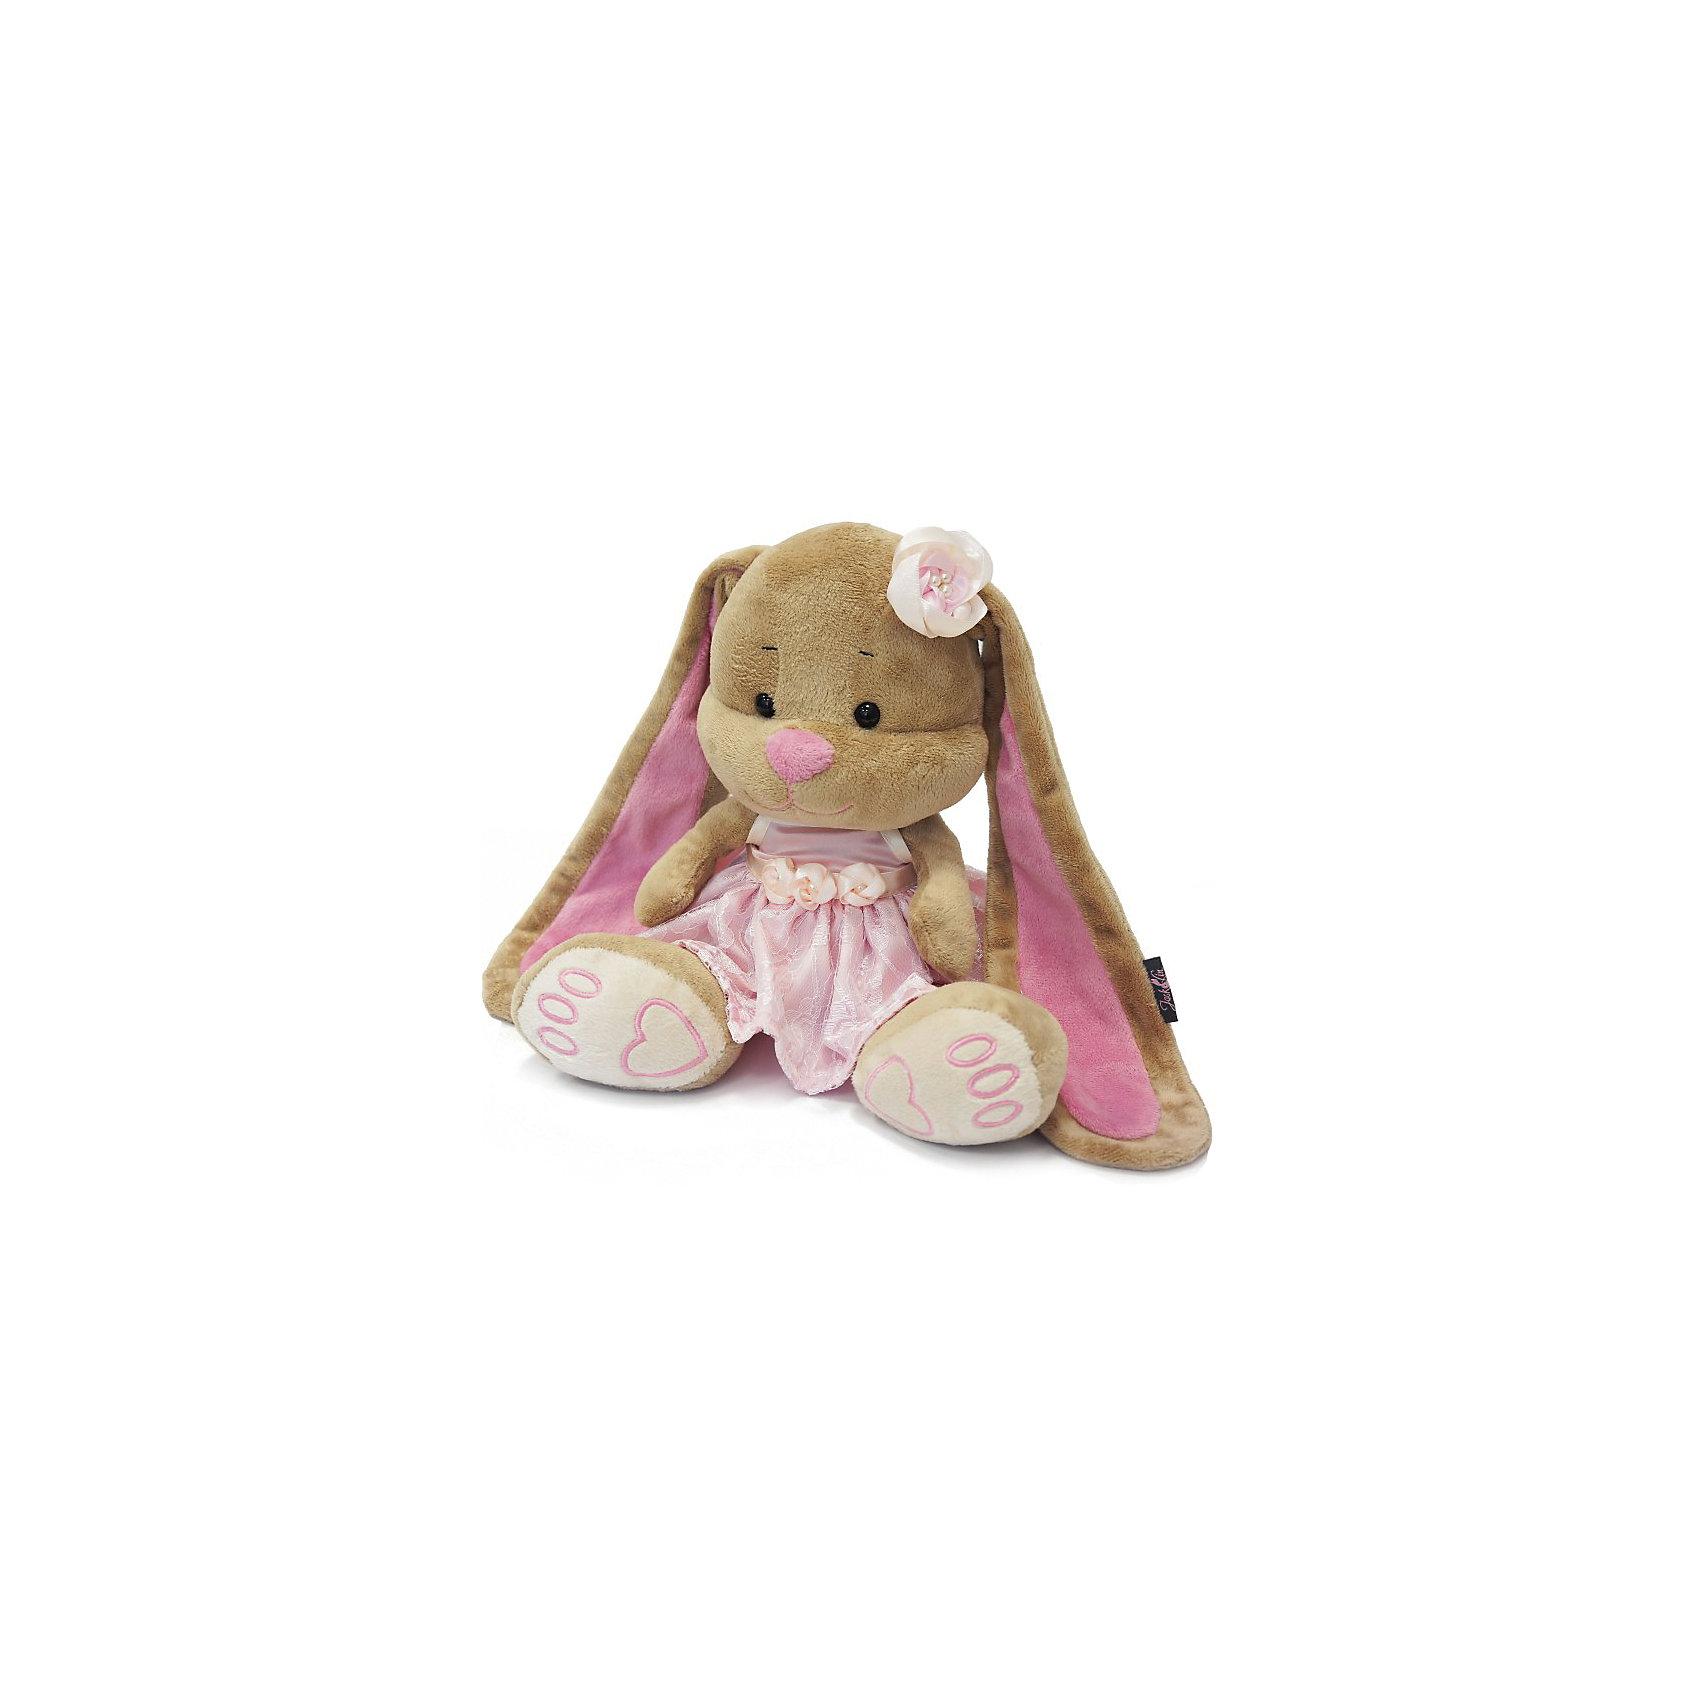 Зайка Лин в розовом платье, 25 см, MAXITOYSКрасивая игрушка сделана в виде Зайца в розовом платье. Она поможет ребенку проводить время весело и с пользой (такие игрушки развивают воображение и моторику). Смотрится игрушка очень мило - ее хочется трогать и играть с ней.<br>Размер игрушки универсален - 25 сантиметров, её удобно брать с собой в поездки и на прогулку. Сделан Зайка из качественных и безопасных для ребенка материалов, которые еще и приятны на ощупь. Эта игрушка может стать и отличным подарком для взрослого, также она украсит любой интерьер.<br><br>Дополнительная информация:<br><br>- материал: мех искусственный, трикотажный, волокно полиэфирное;<br>- высота: 25 см.<br><br>Игрушку Зайка Лин в розовом платье, 25 см, от марки MAXITOYS можно купить в нашем магазине.<br><br>Ширина мм: 170<br>Глубина мм: 200<br>Высота мм: 250<br>Вес г: 221<br>Возраст от месяцев: 36<br>Возраст до месяцев: 1188<br>Пол: Женский<br>Возраст: Детский<br>SKU: 4701893